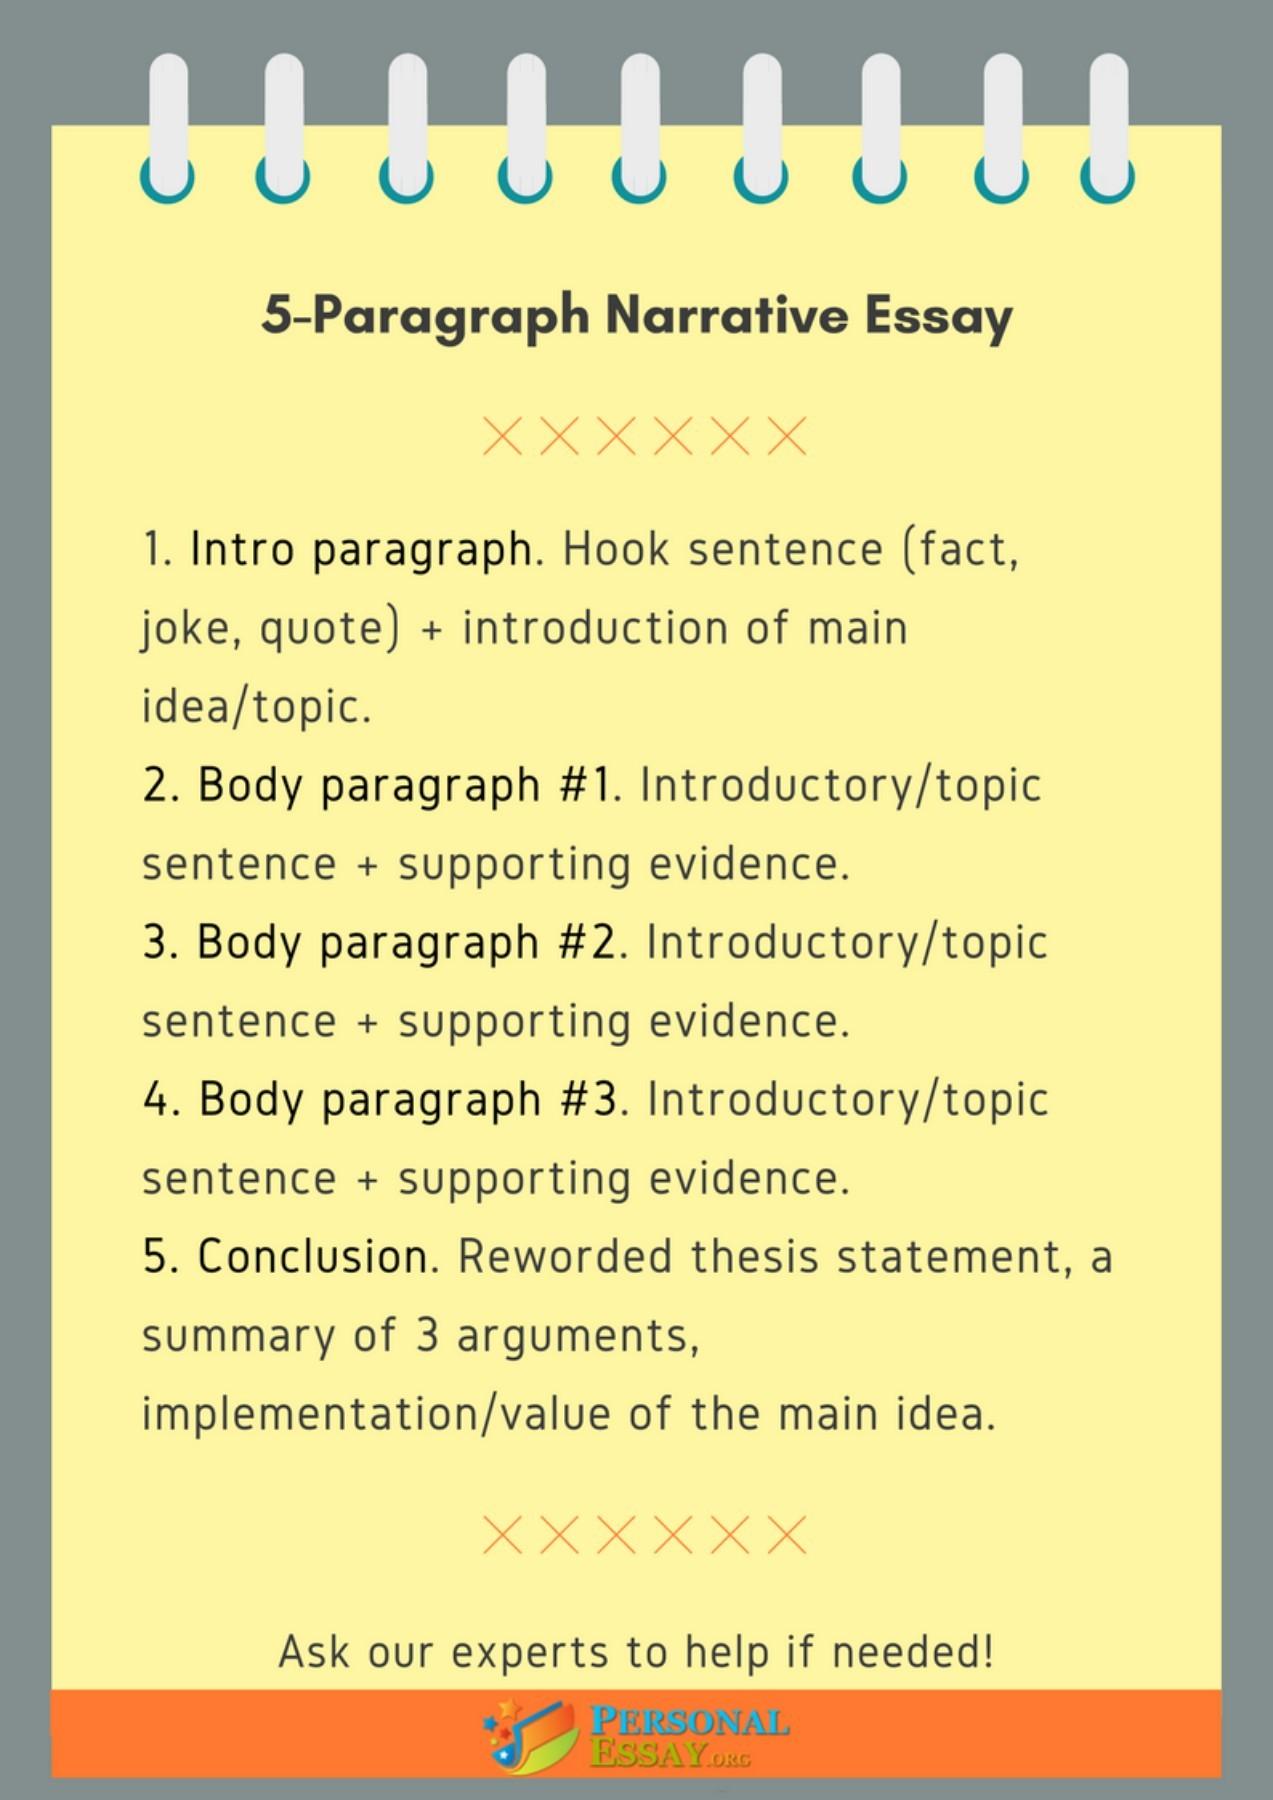 5 Paragraph Narrative Essay Outline